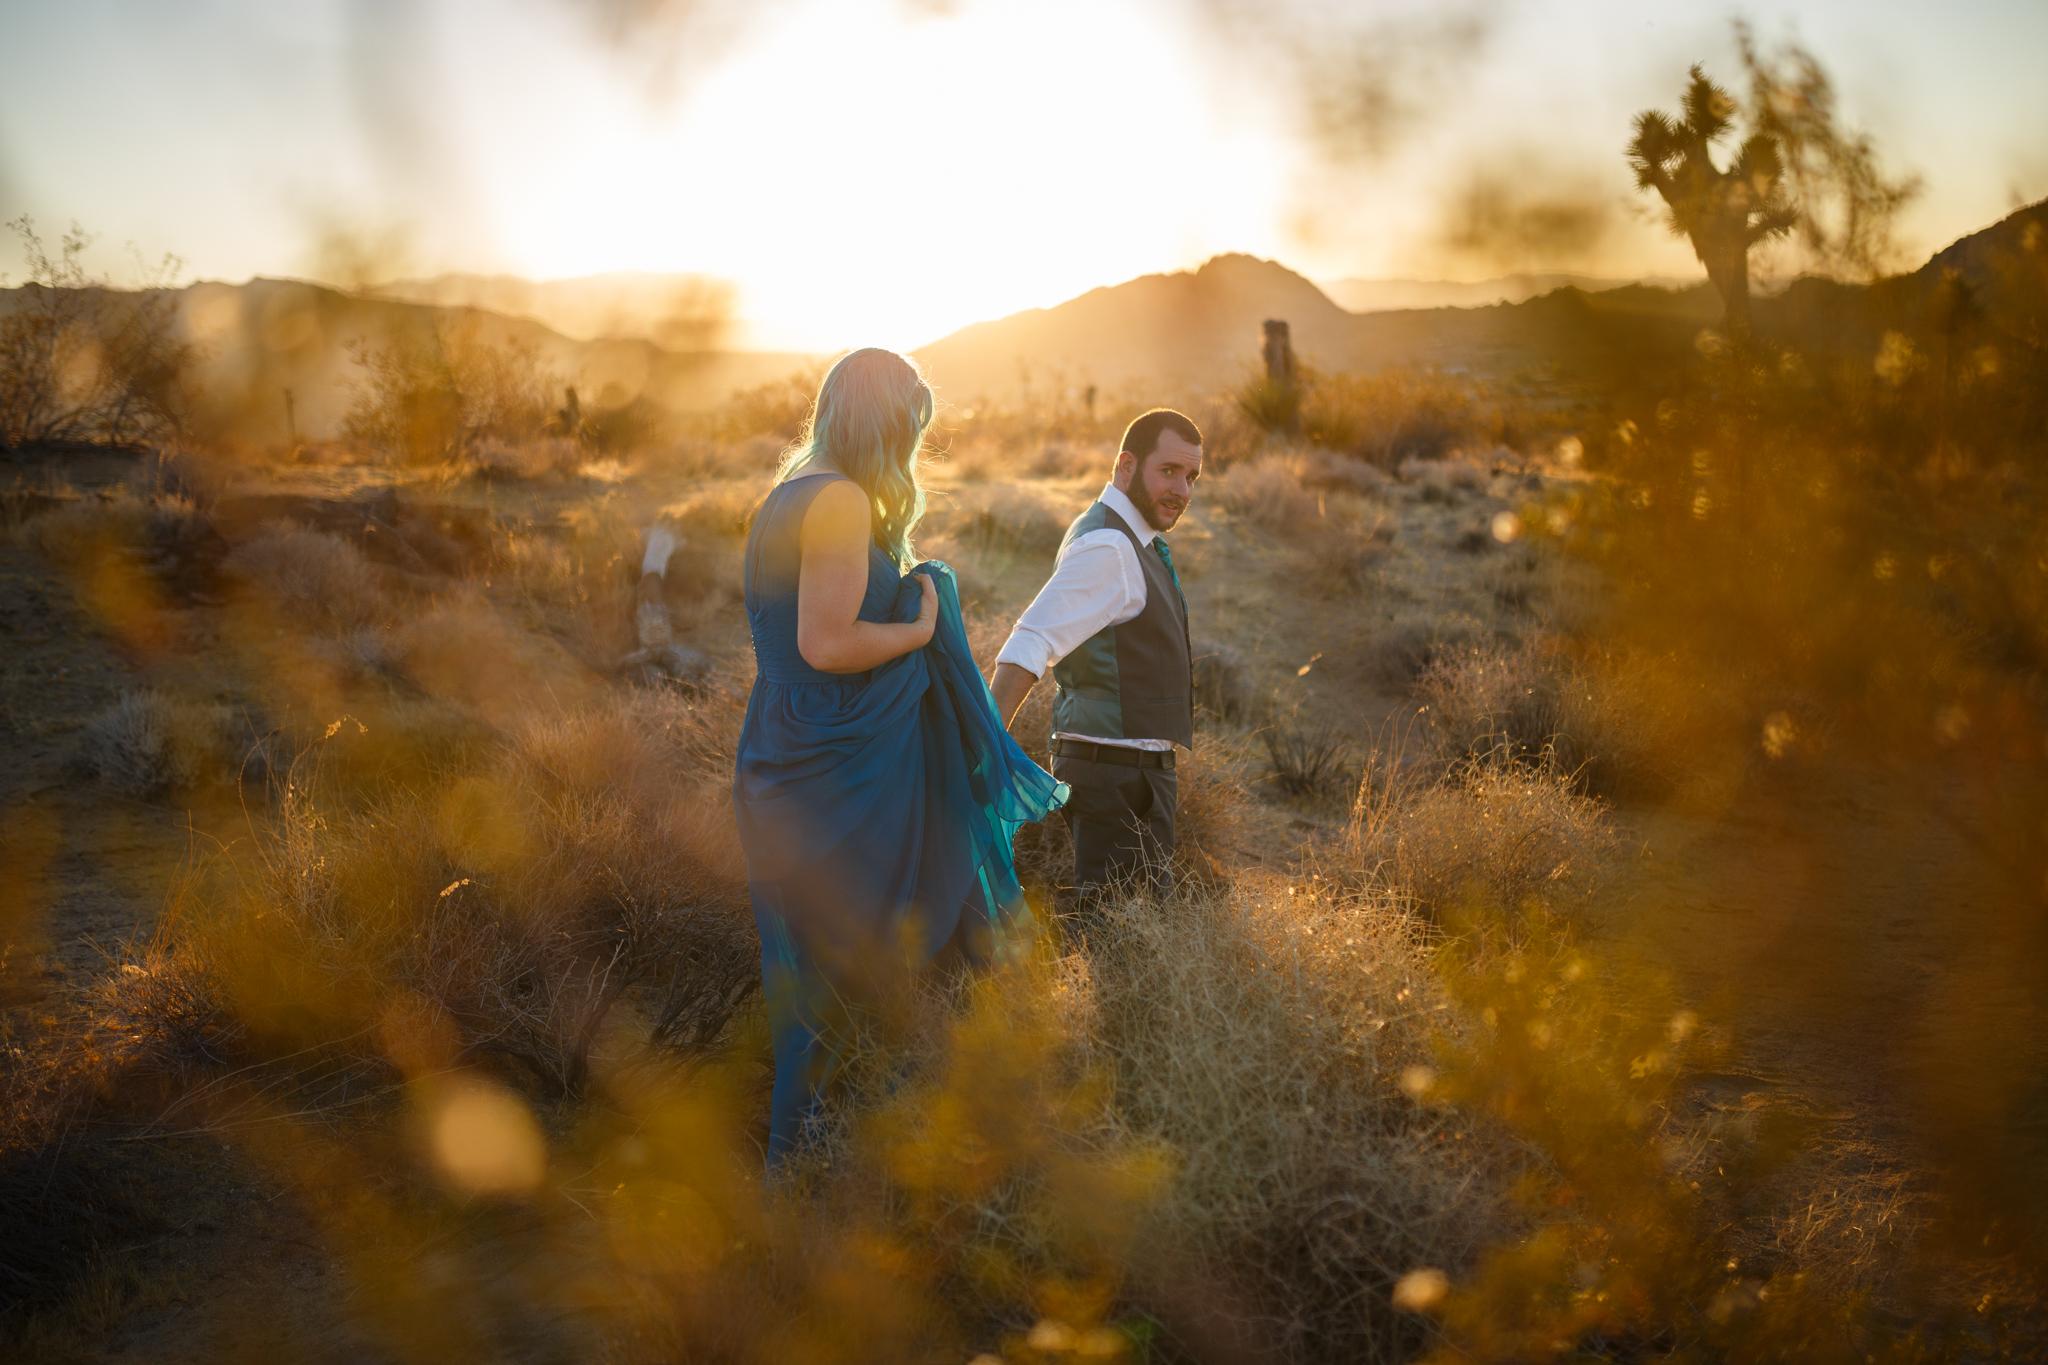 Simon_Rawling_Wedding_Photography-57.jpg